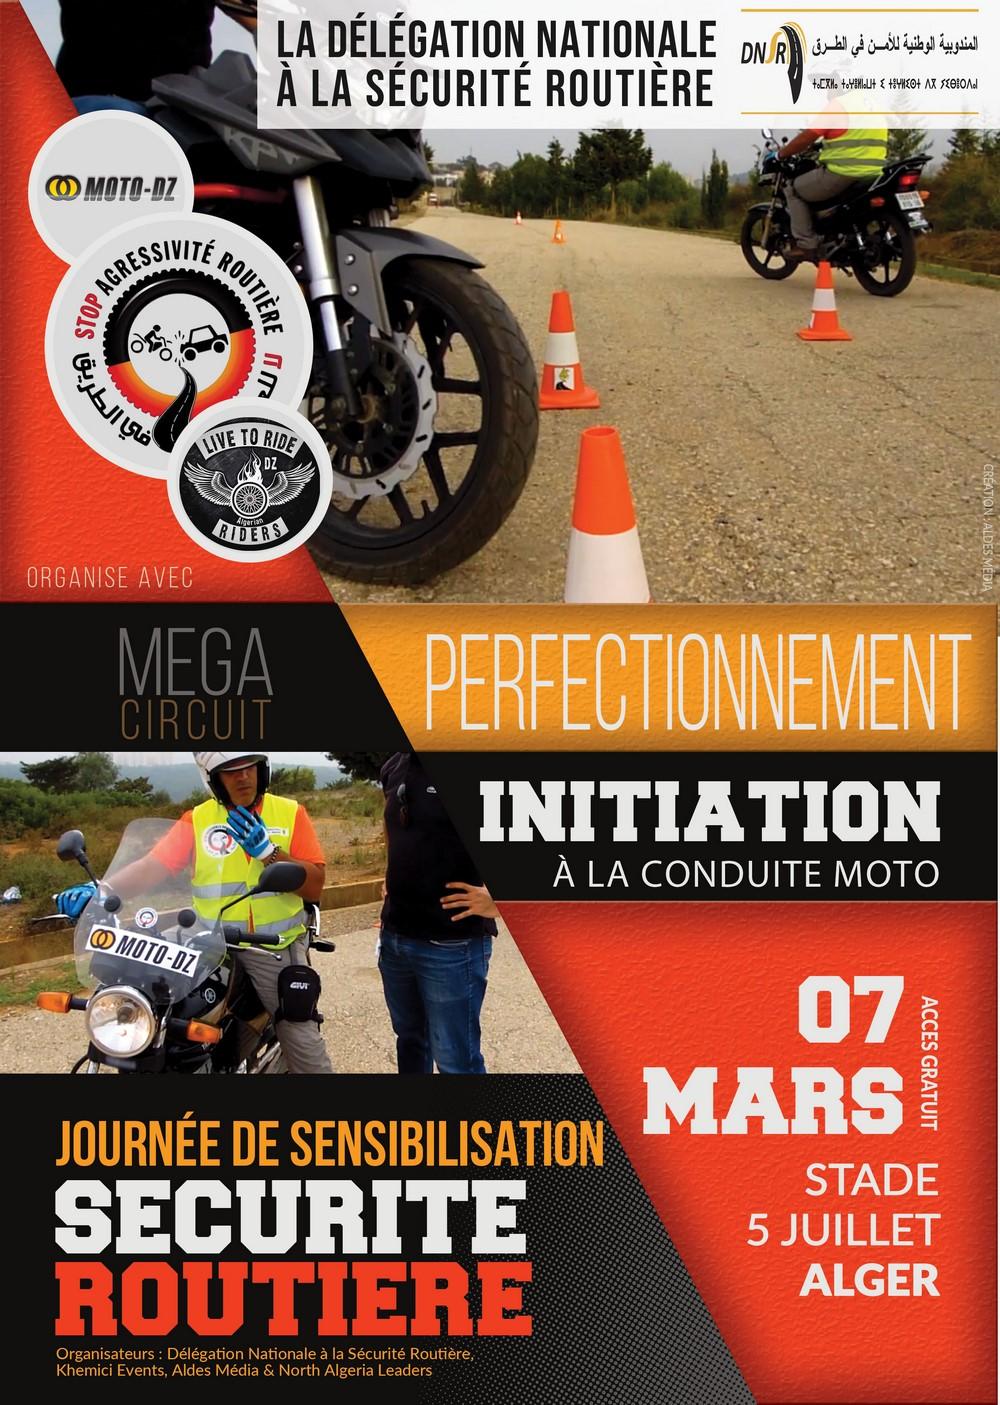 Journée de sensibilisation routière liée à la moto le 07 mars 2020 à Alger